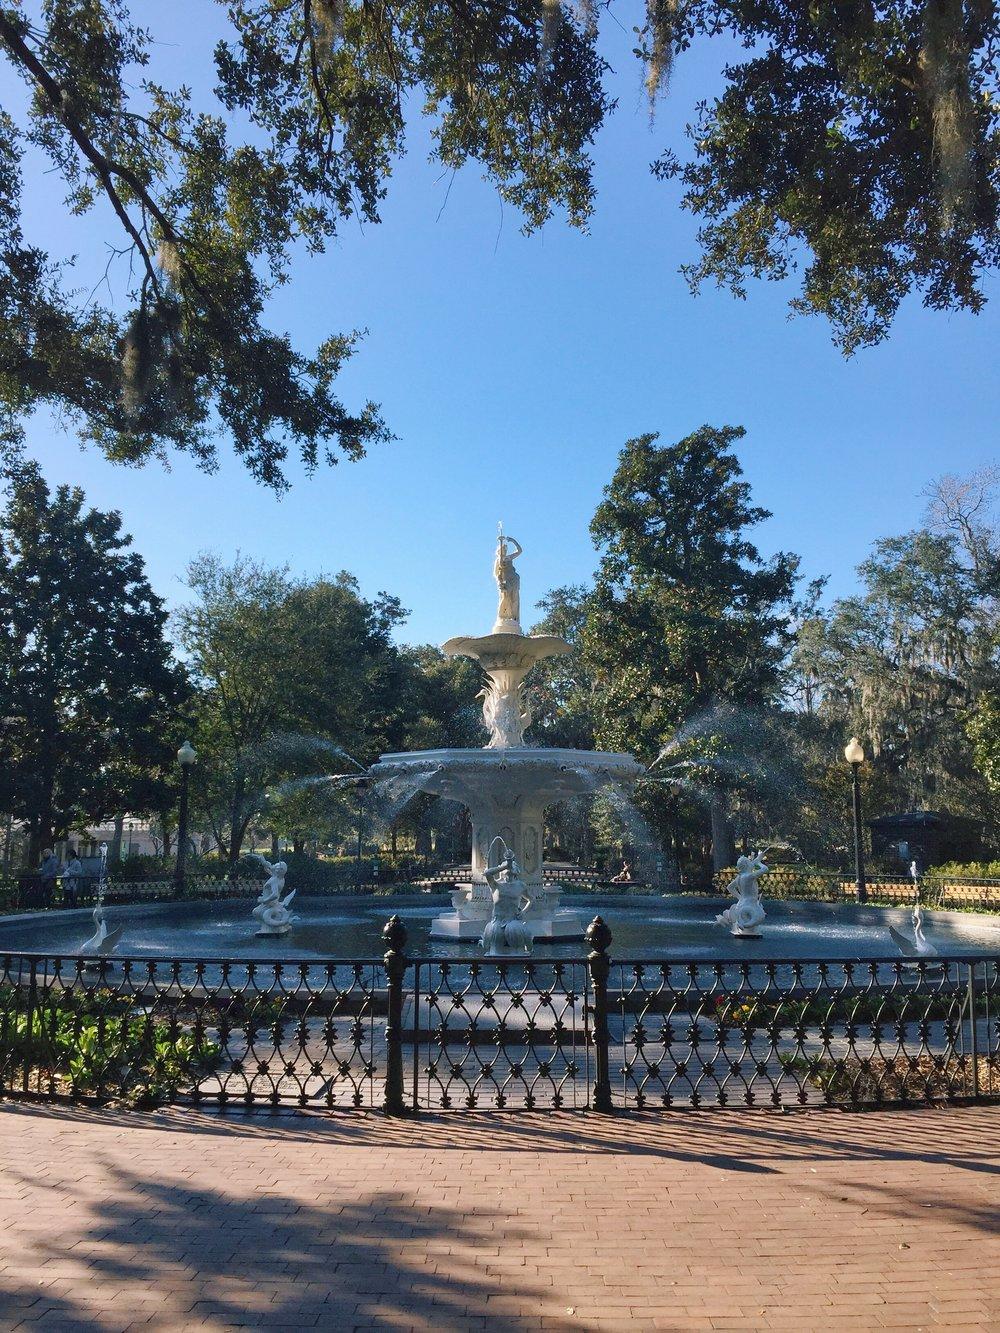 The fountain at Forsyth Park!